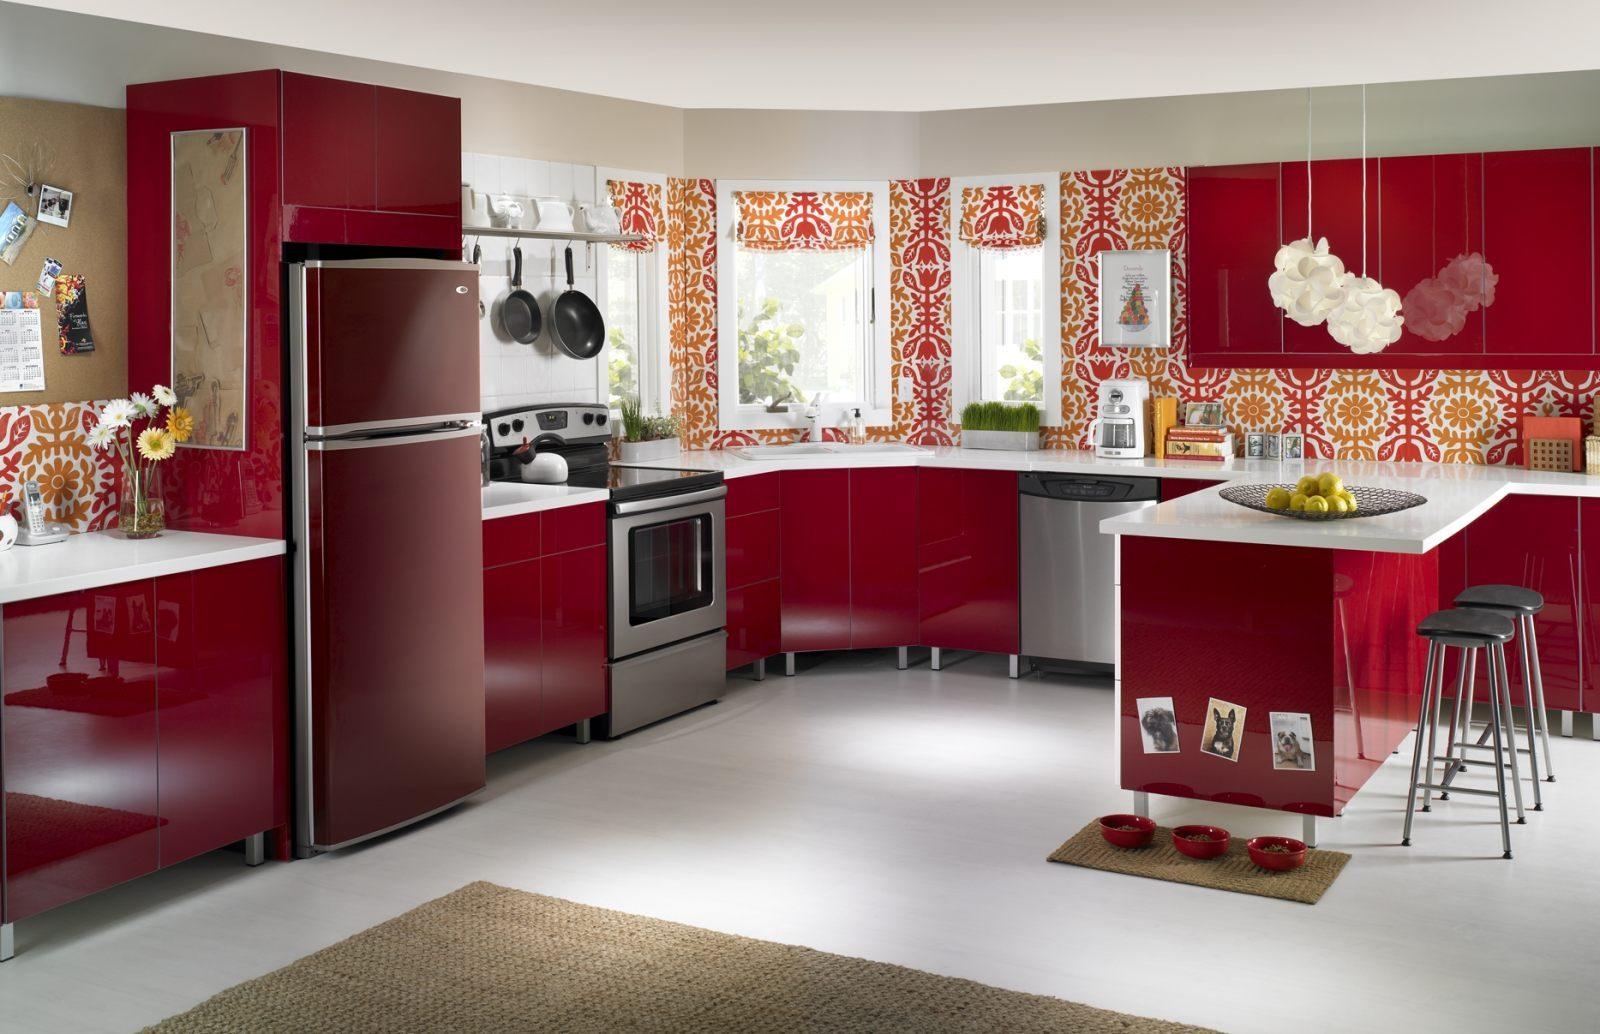 Electrodom sticos para una cocina roja im genes y fotos - Electrodomesticos para cocinas pequenas ...